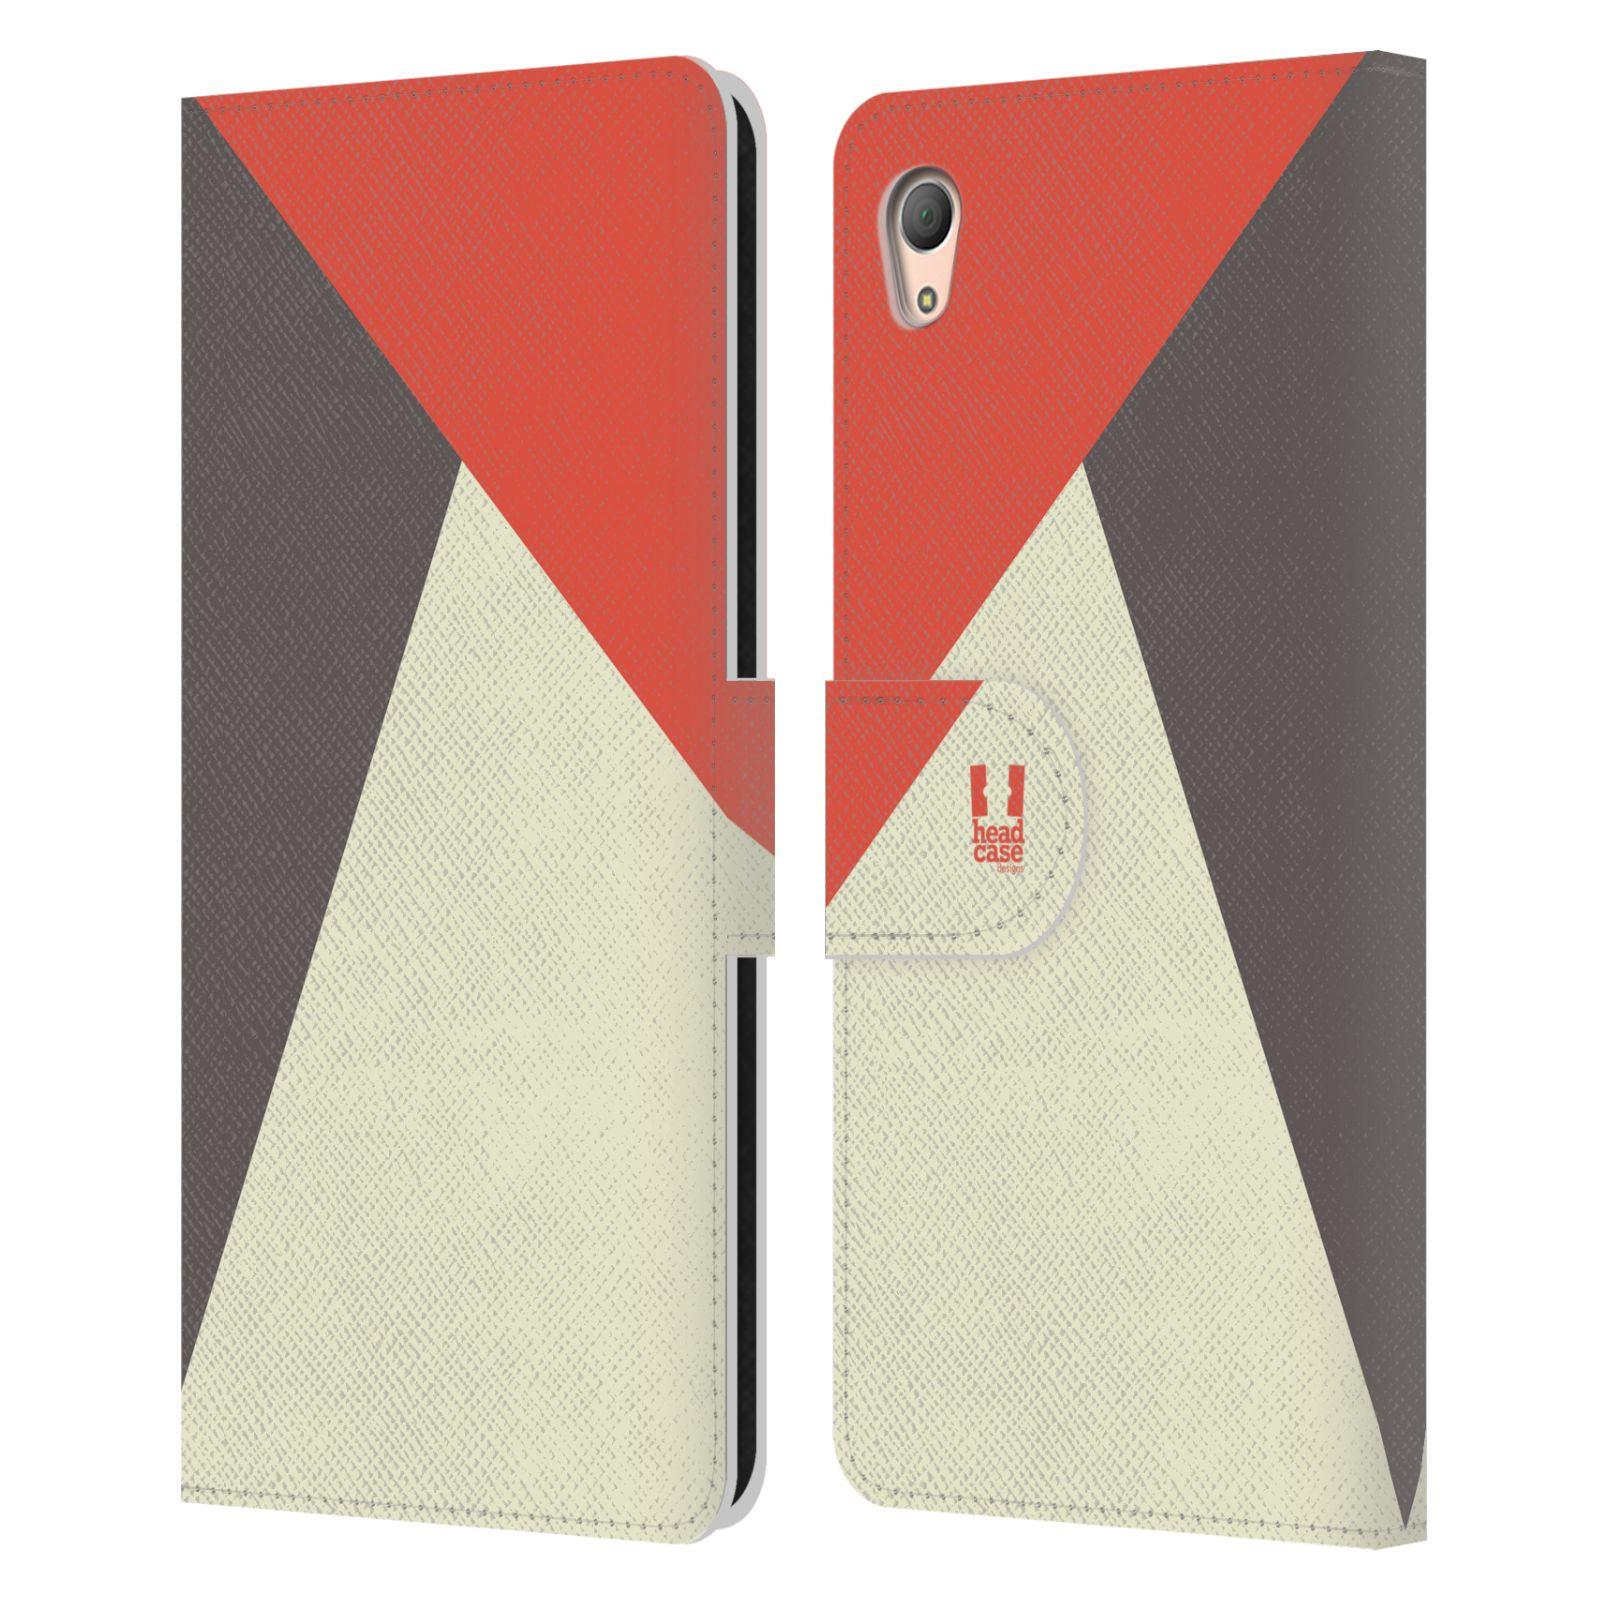 HEAD CASE Flipové pouzdro pro mobil SONY XPERIA Z3+(Z3 PLUS) barevné tvary červená a šedá COOL